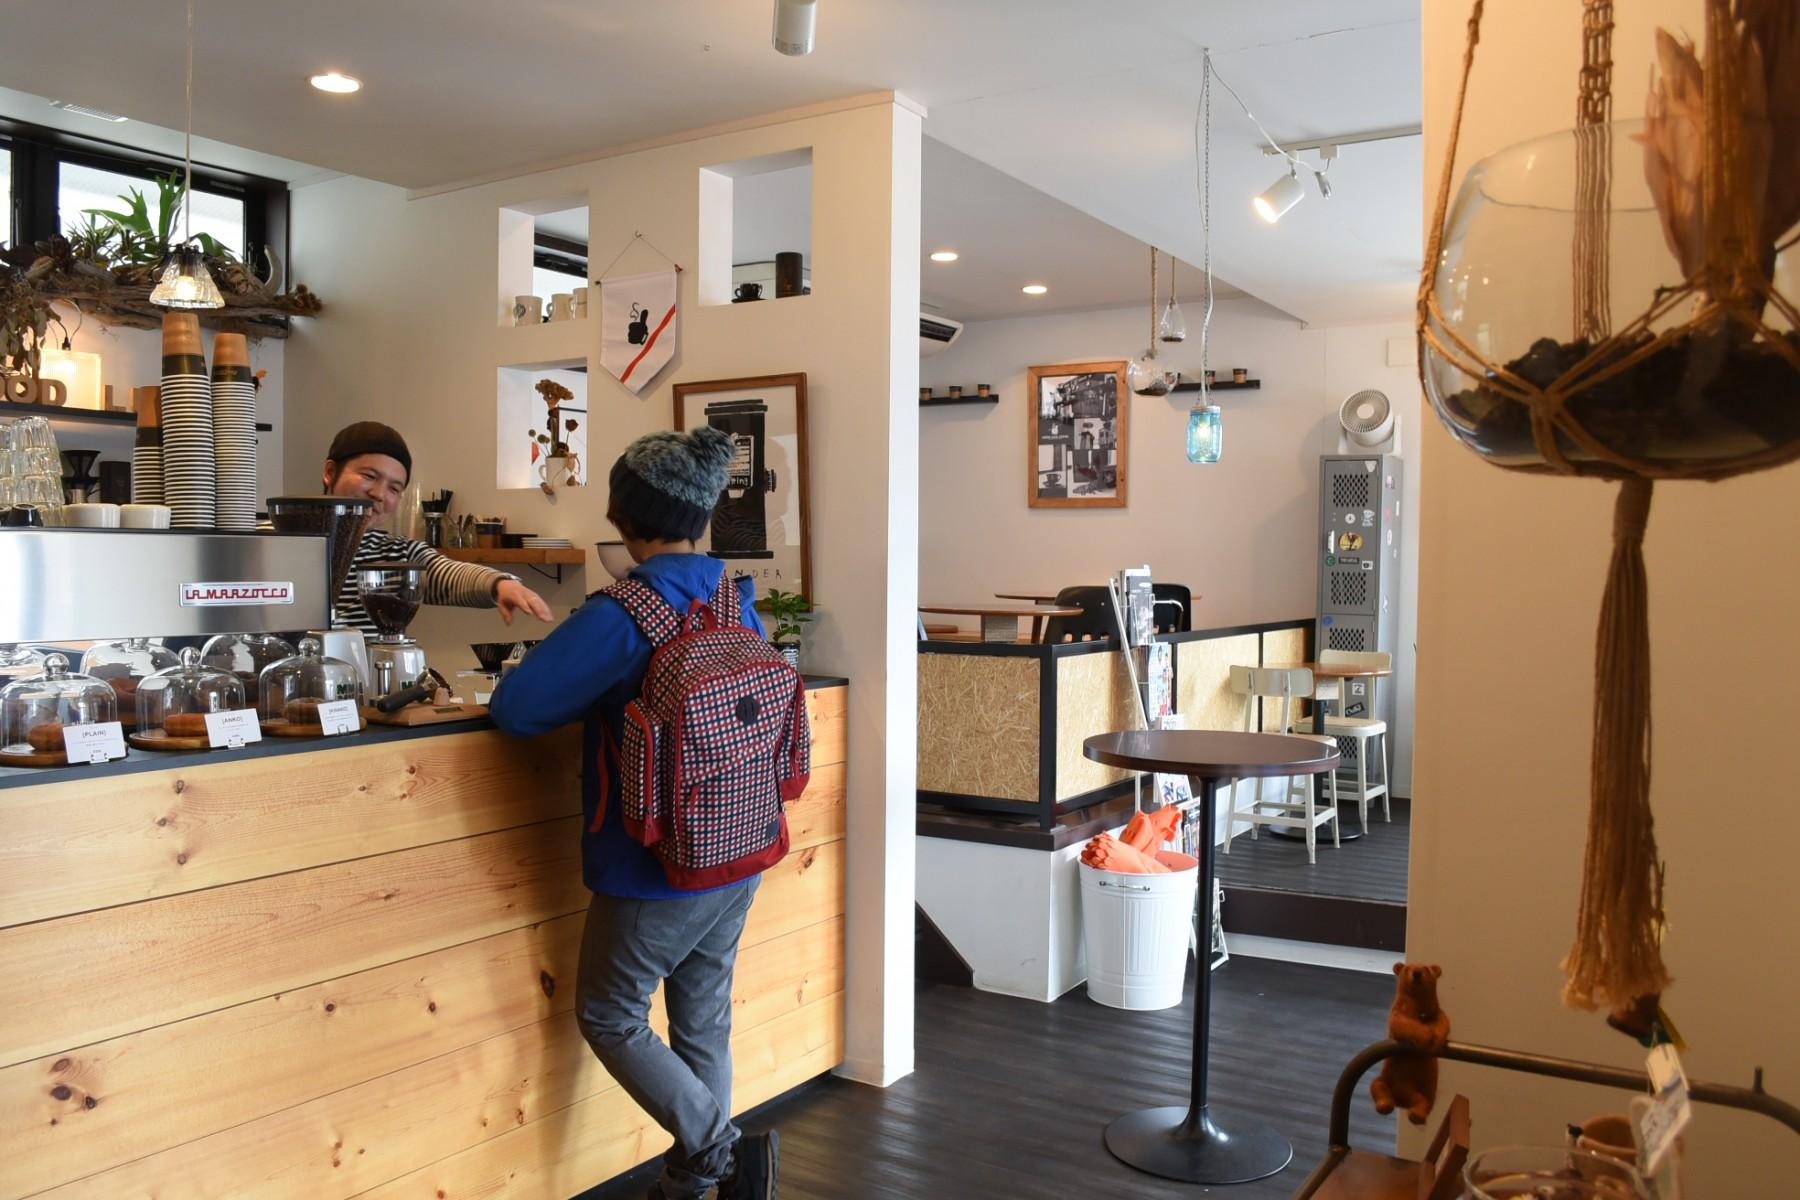 日本中を旅してきたという20代の女性が来店。青柳店主とカフェ談義に花が咲く。